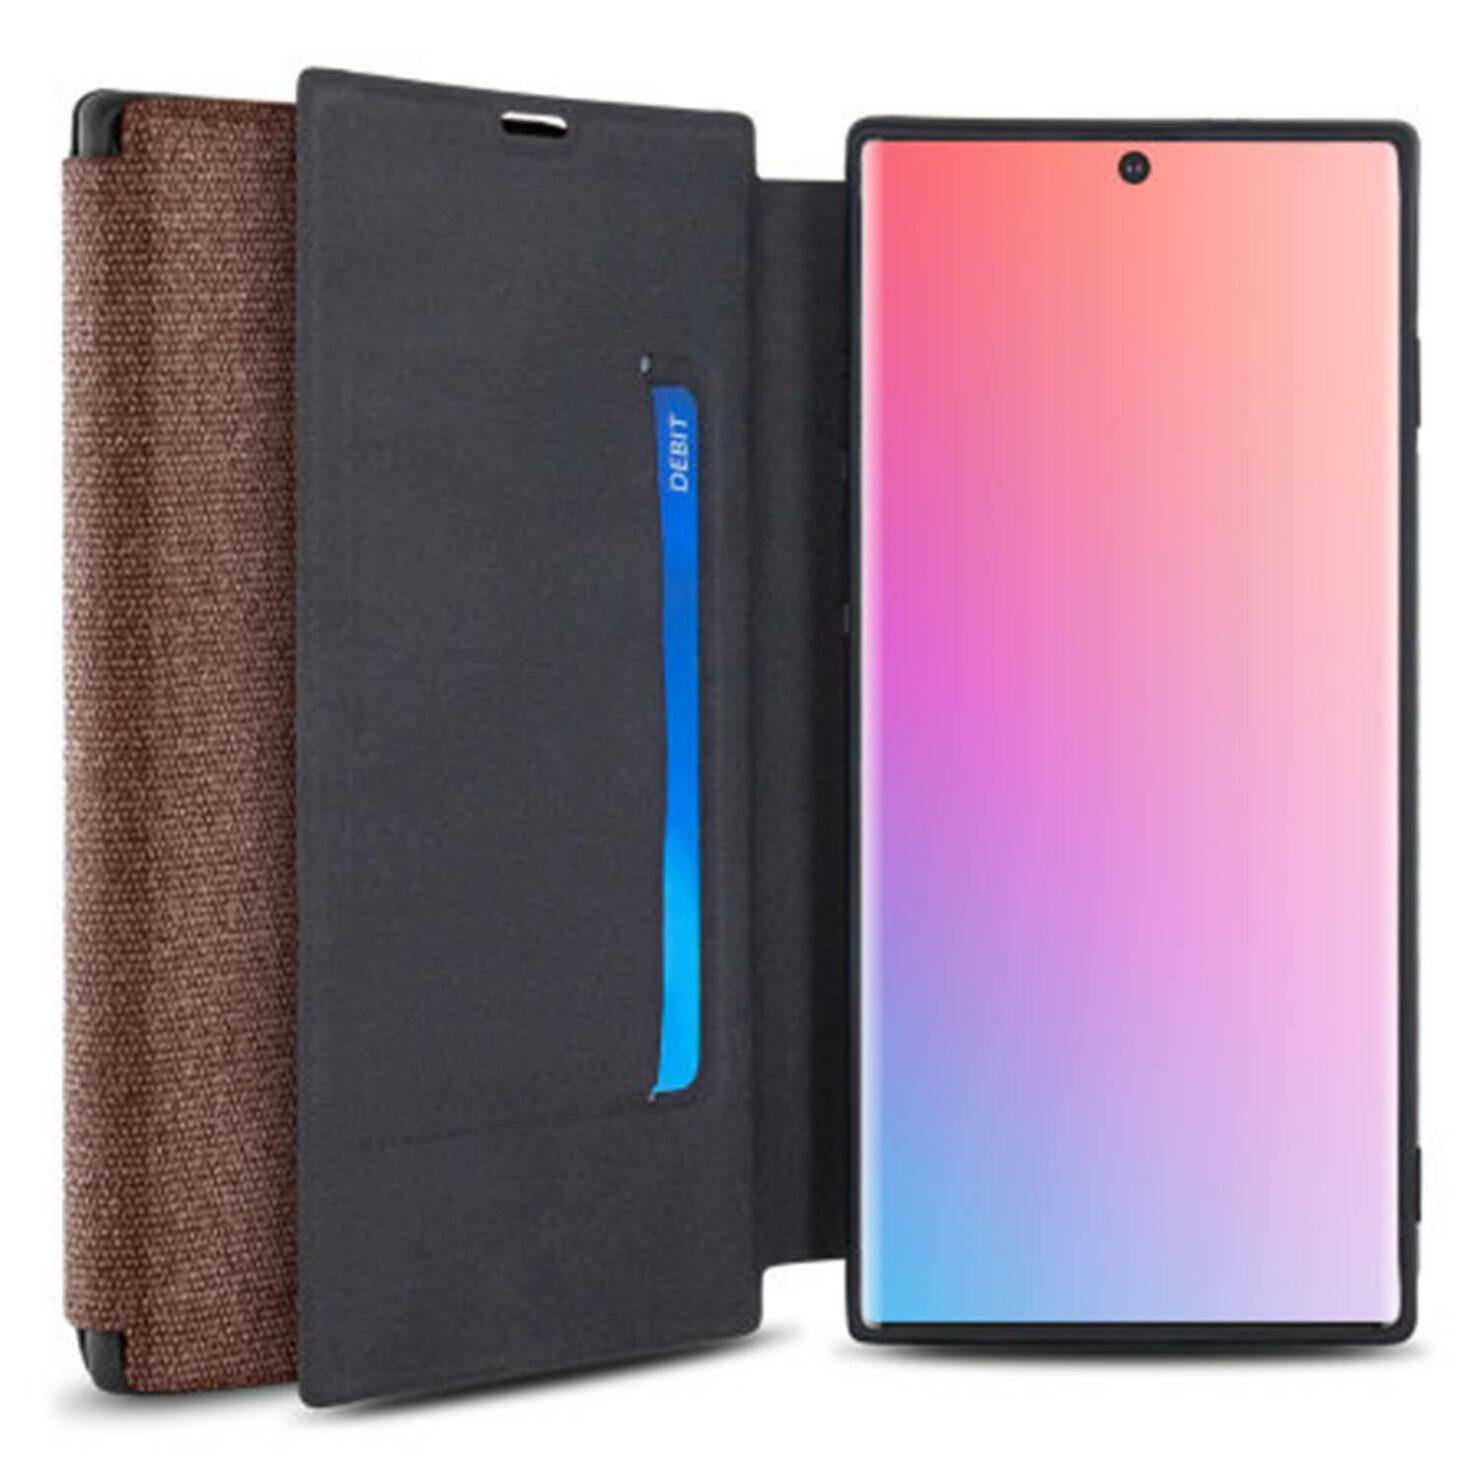 Galaxy Note 10 case accessories leak